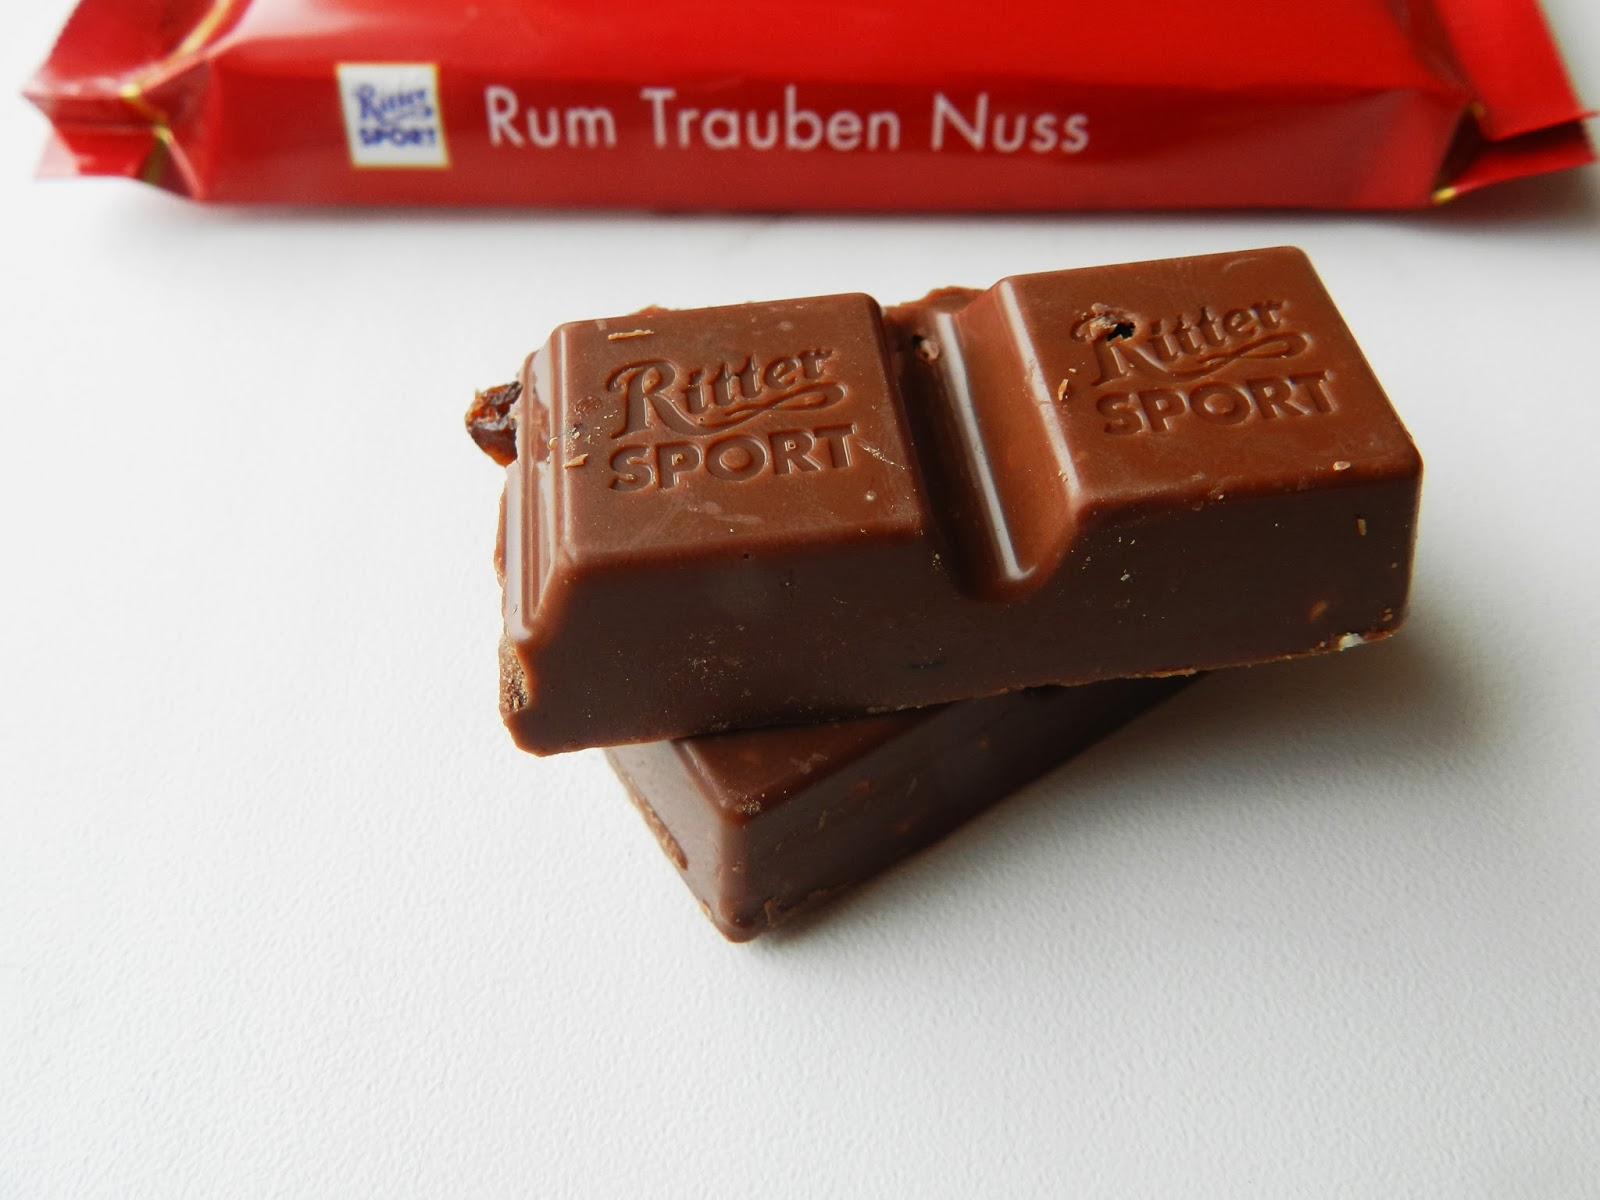 Ritter Sport Rum Traube Nuss